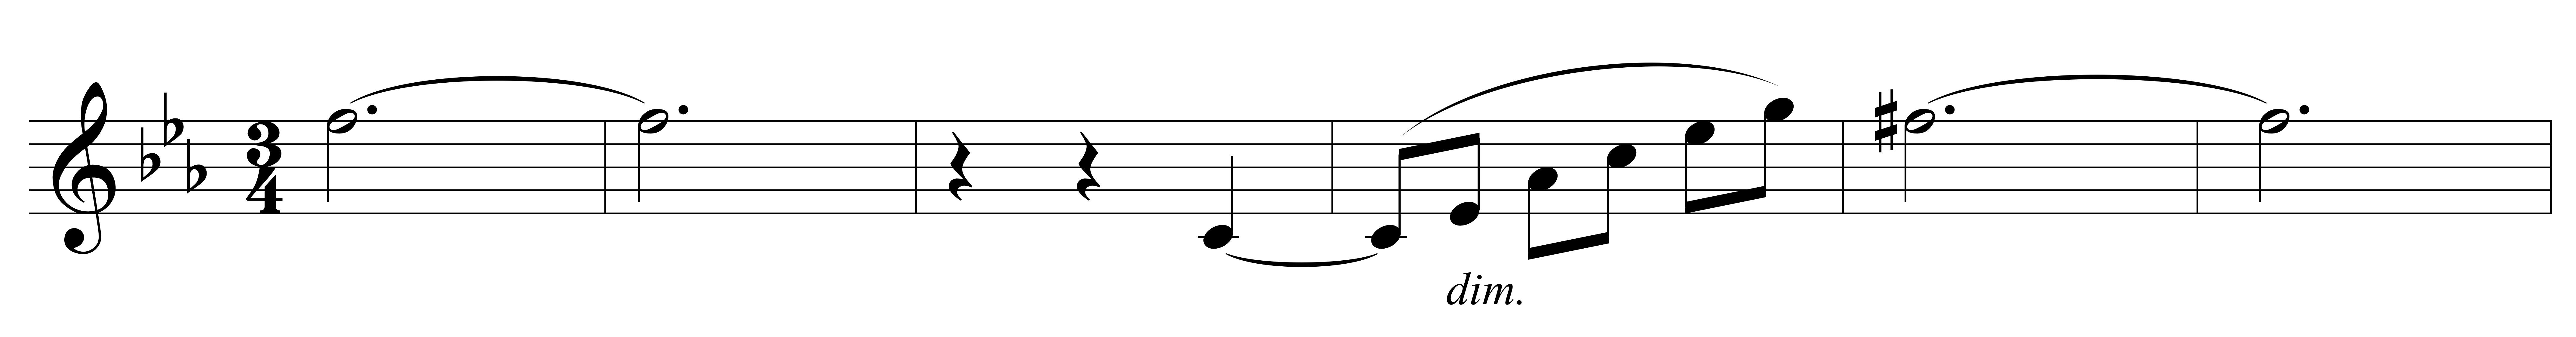 st saens sonata